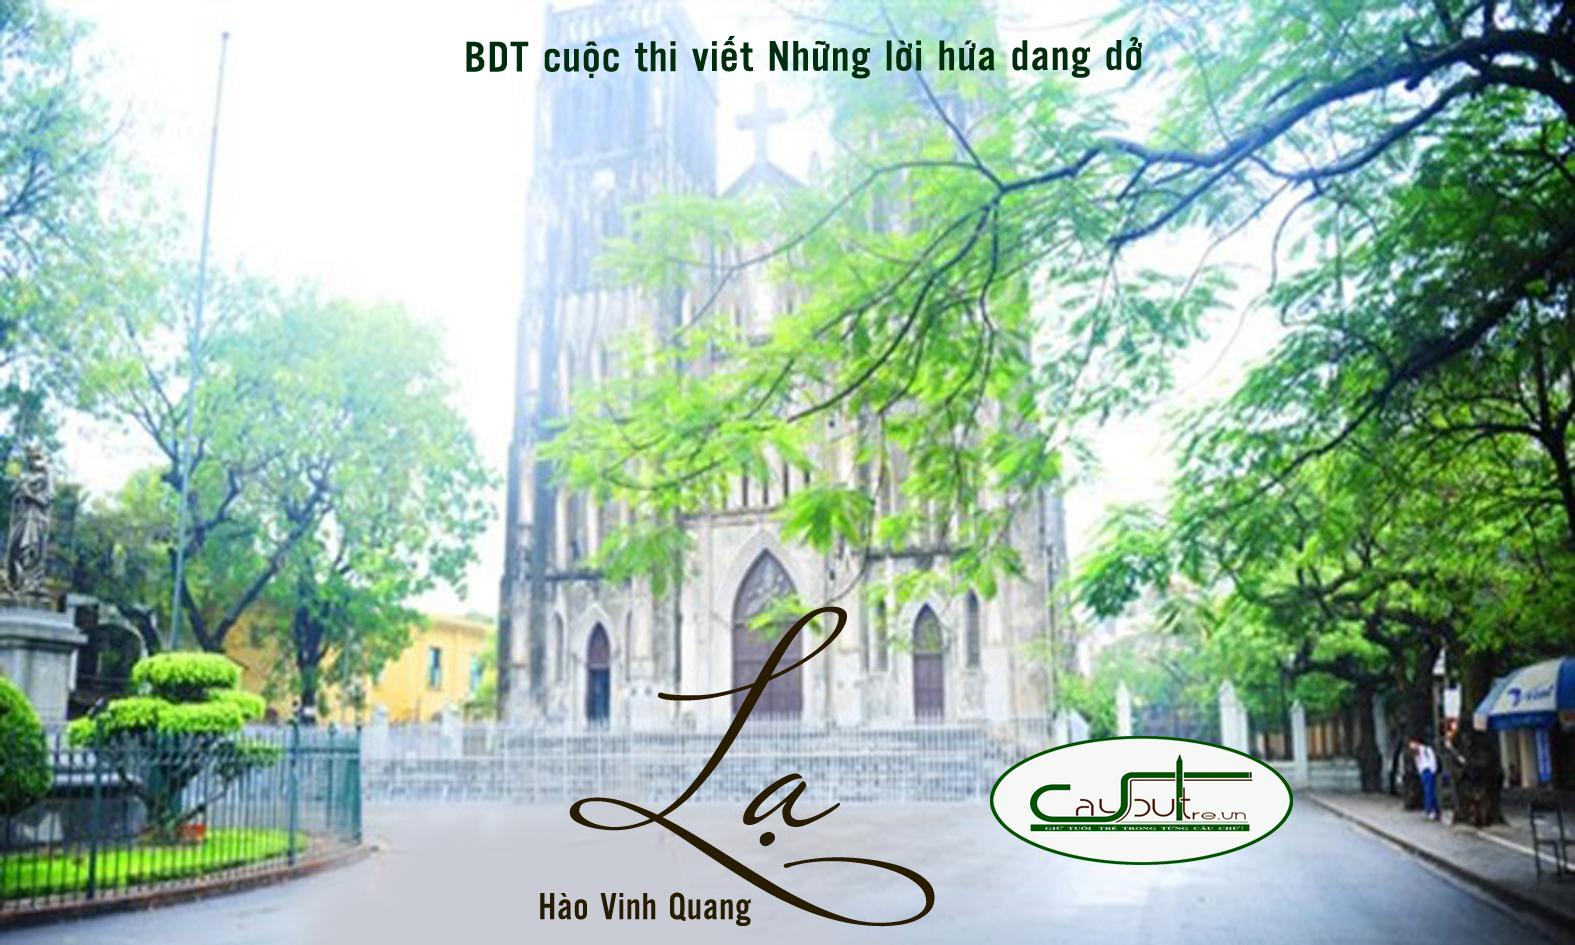 c18 - [Cuộc thi] Lạ - Tác giả Hào Vinh Quang